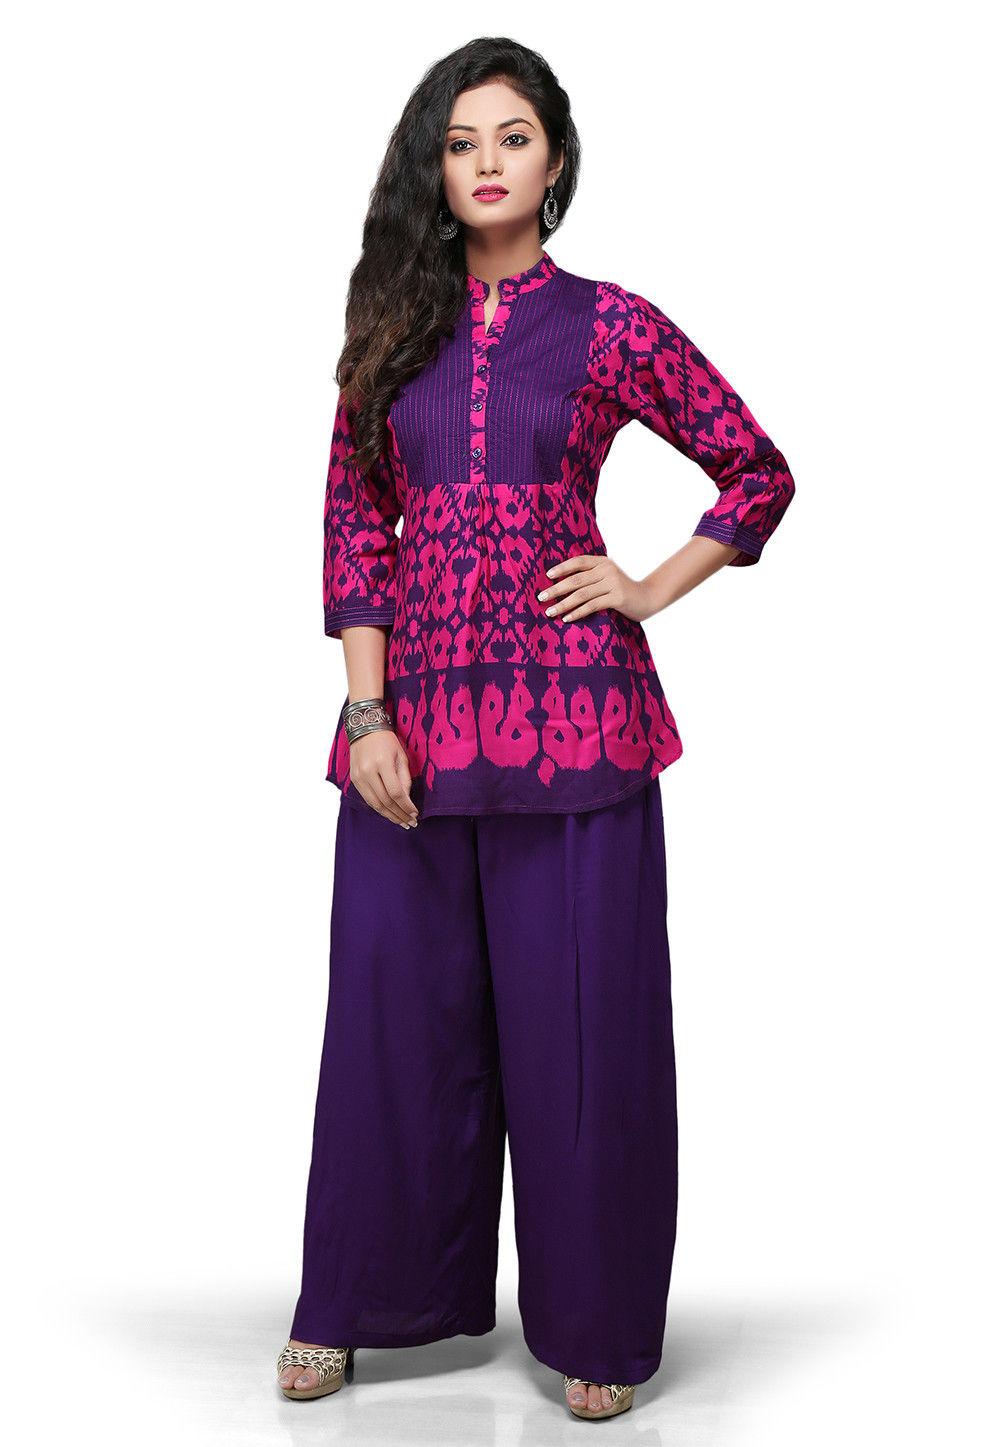 Printed Rayon Tunic In Fuchsia and purple